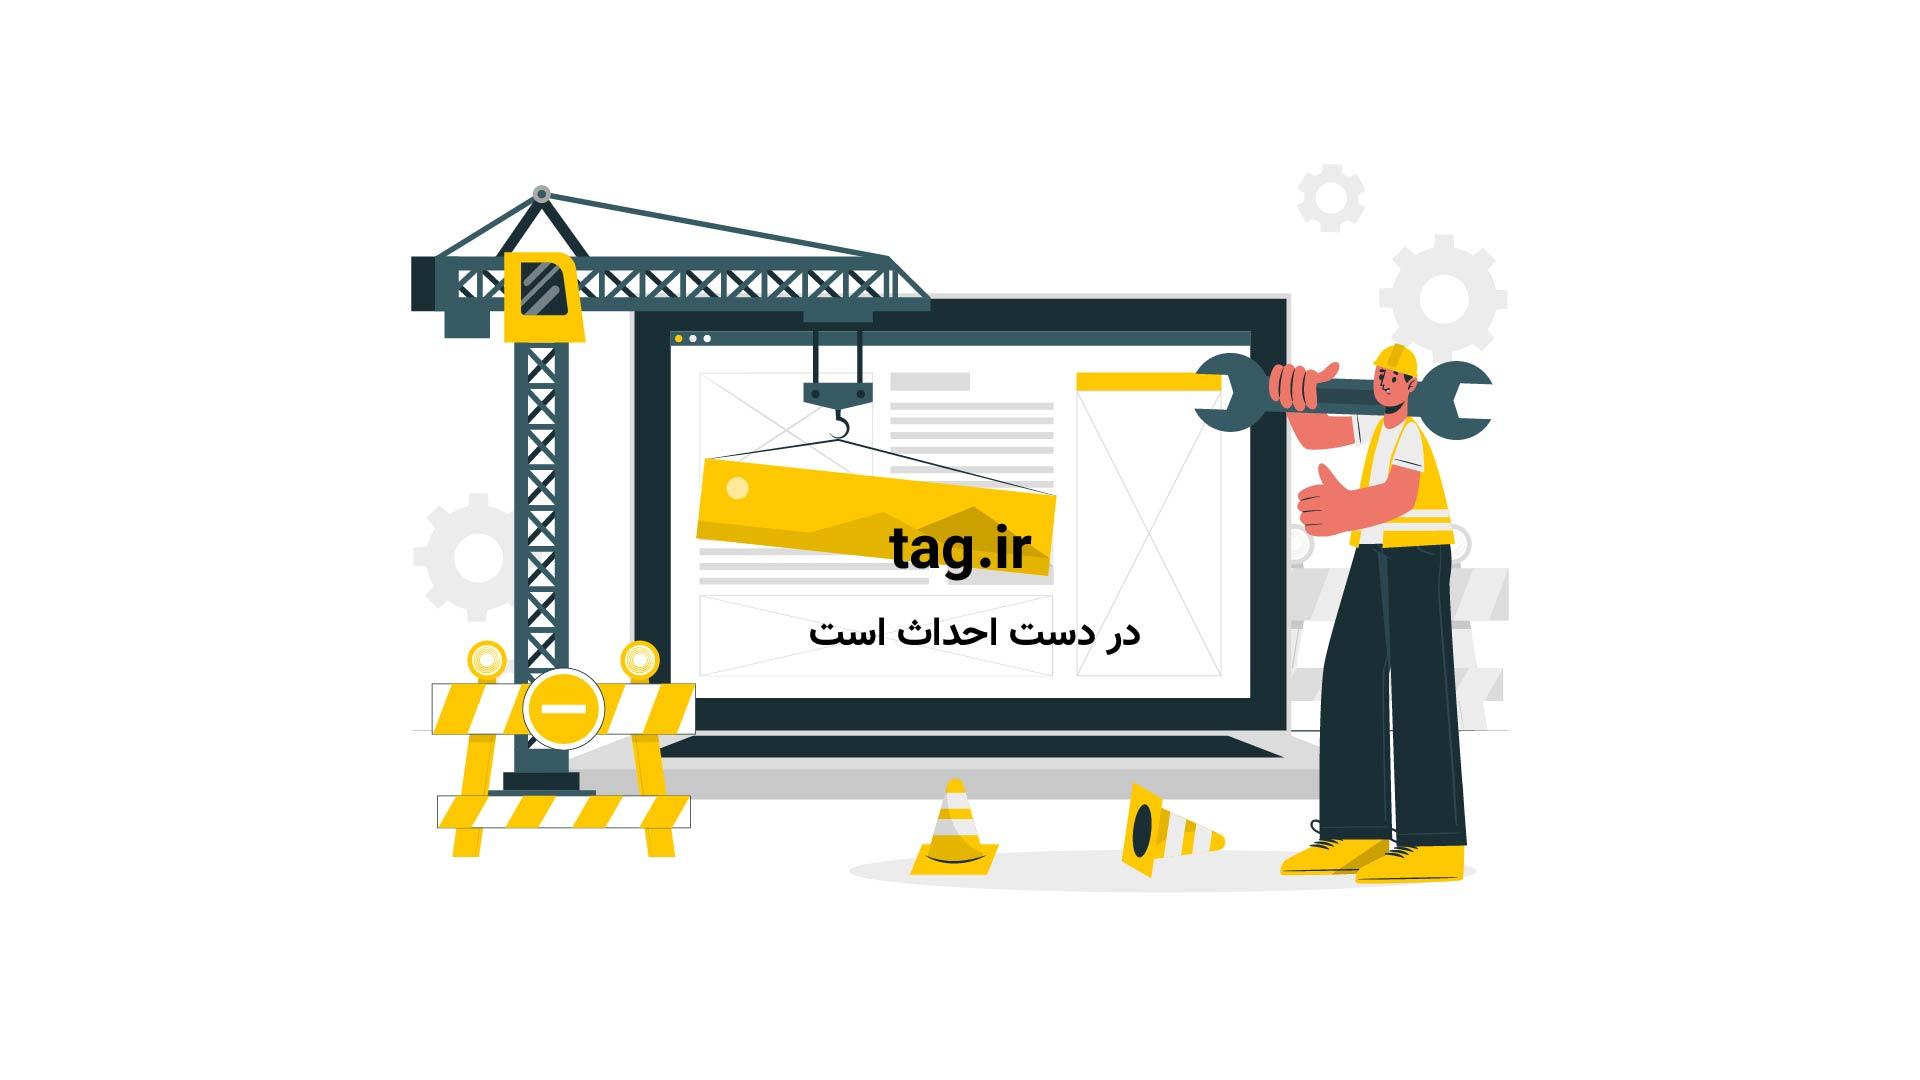 گیم پلی تمامی سوپر فینیش های فانوس سبز در بازی اینجاستیس ۱ و ۲ | فیلم